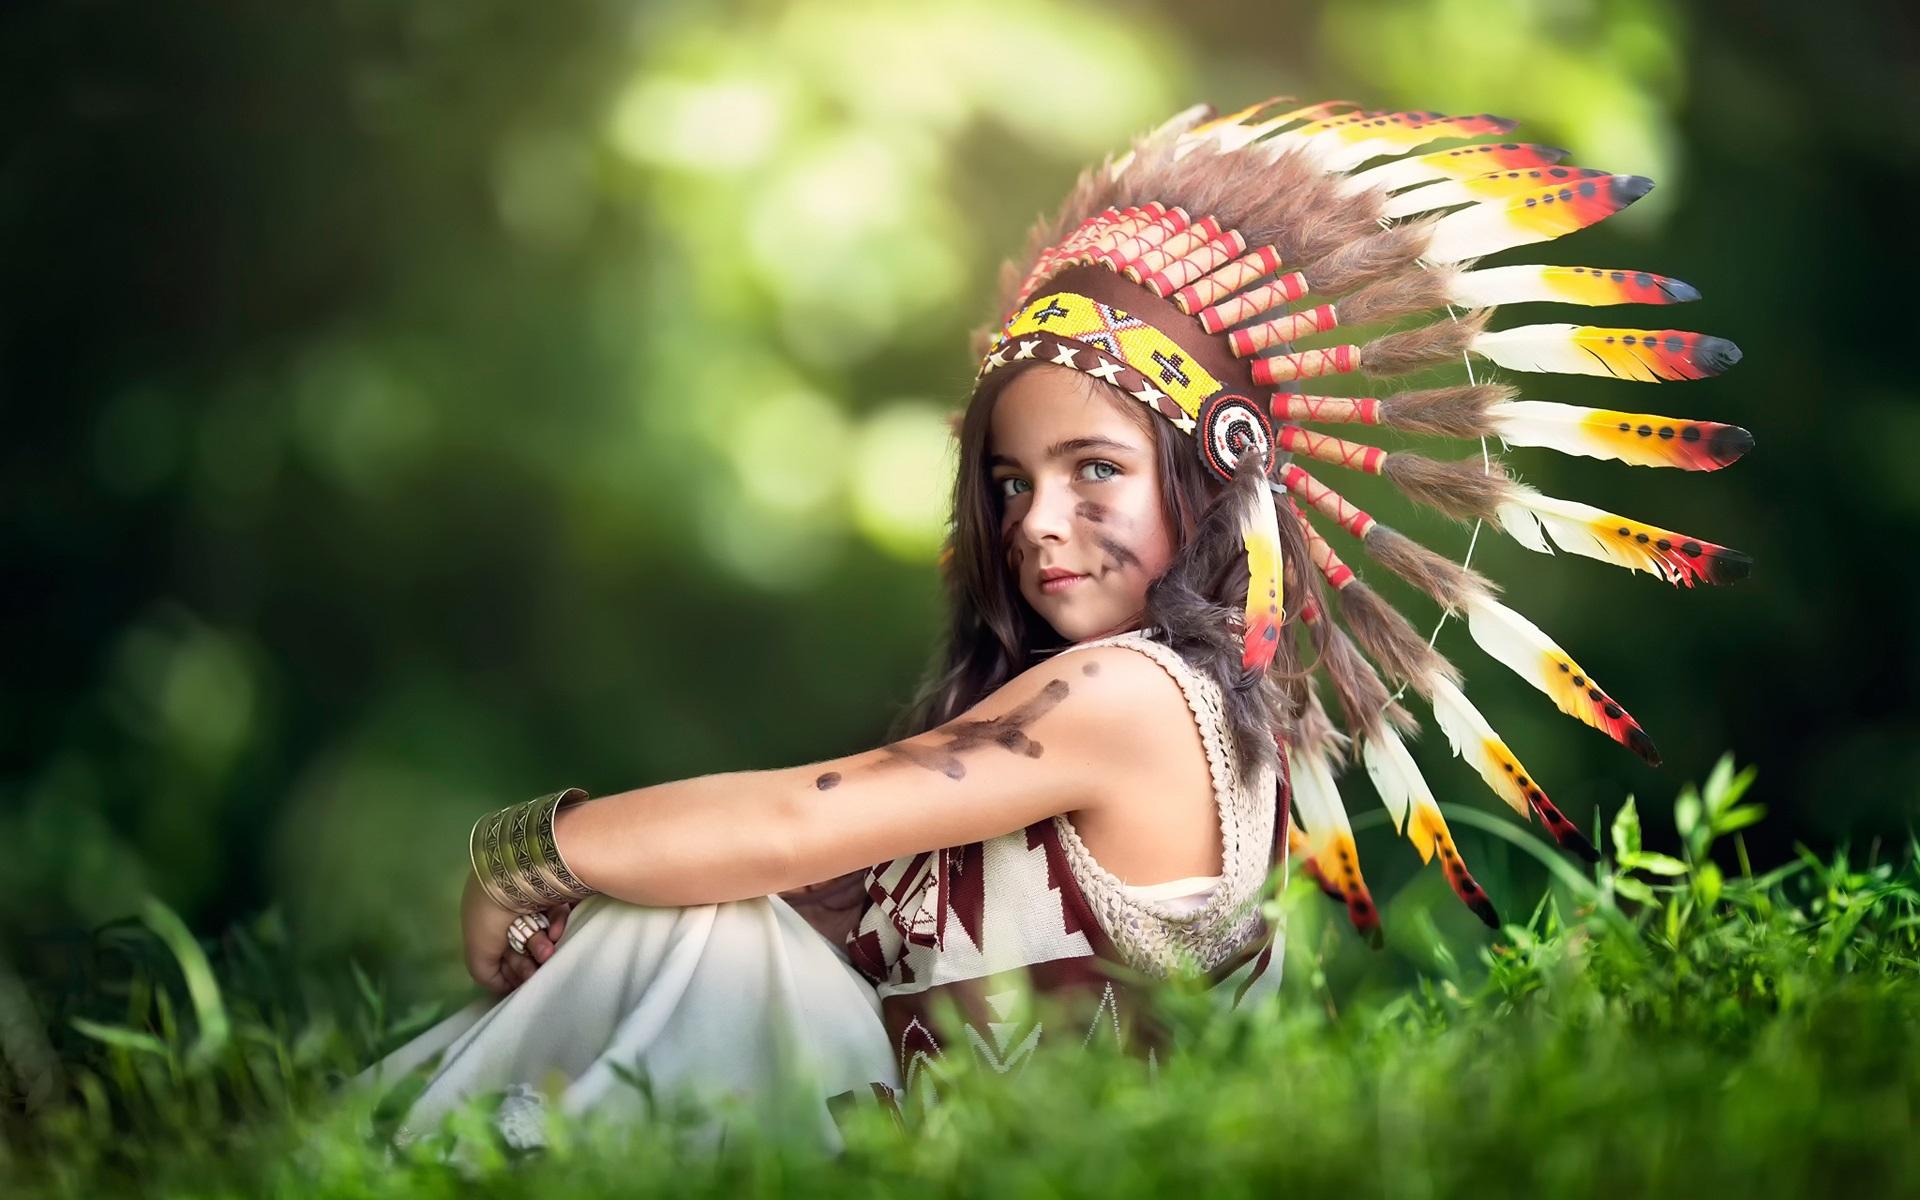 壁紙 かわいいインディアン少女、羽の帽子 前へ 壁紙 かわいいインディアン少女、羽の帽子 192